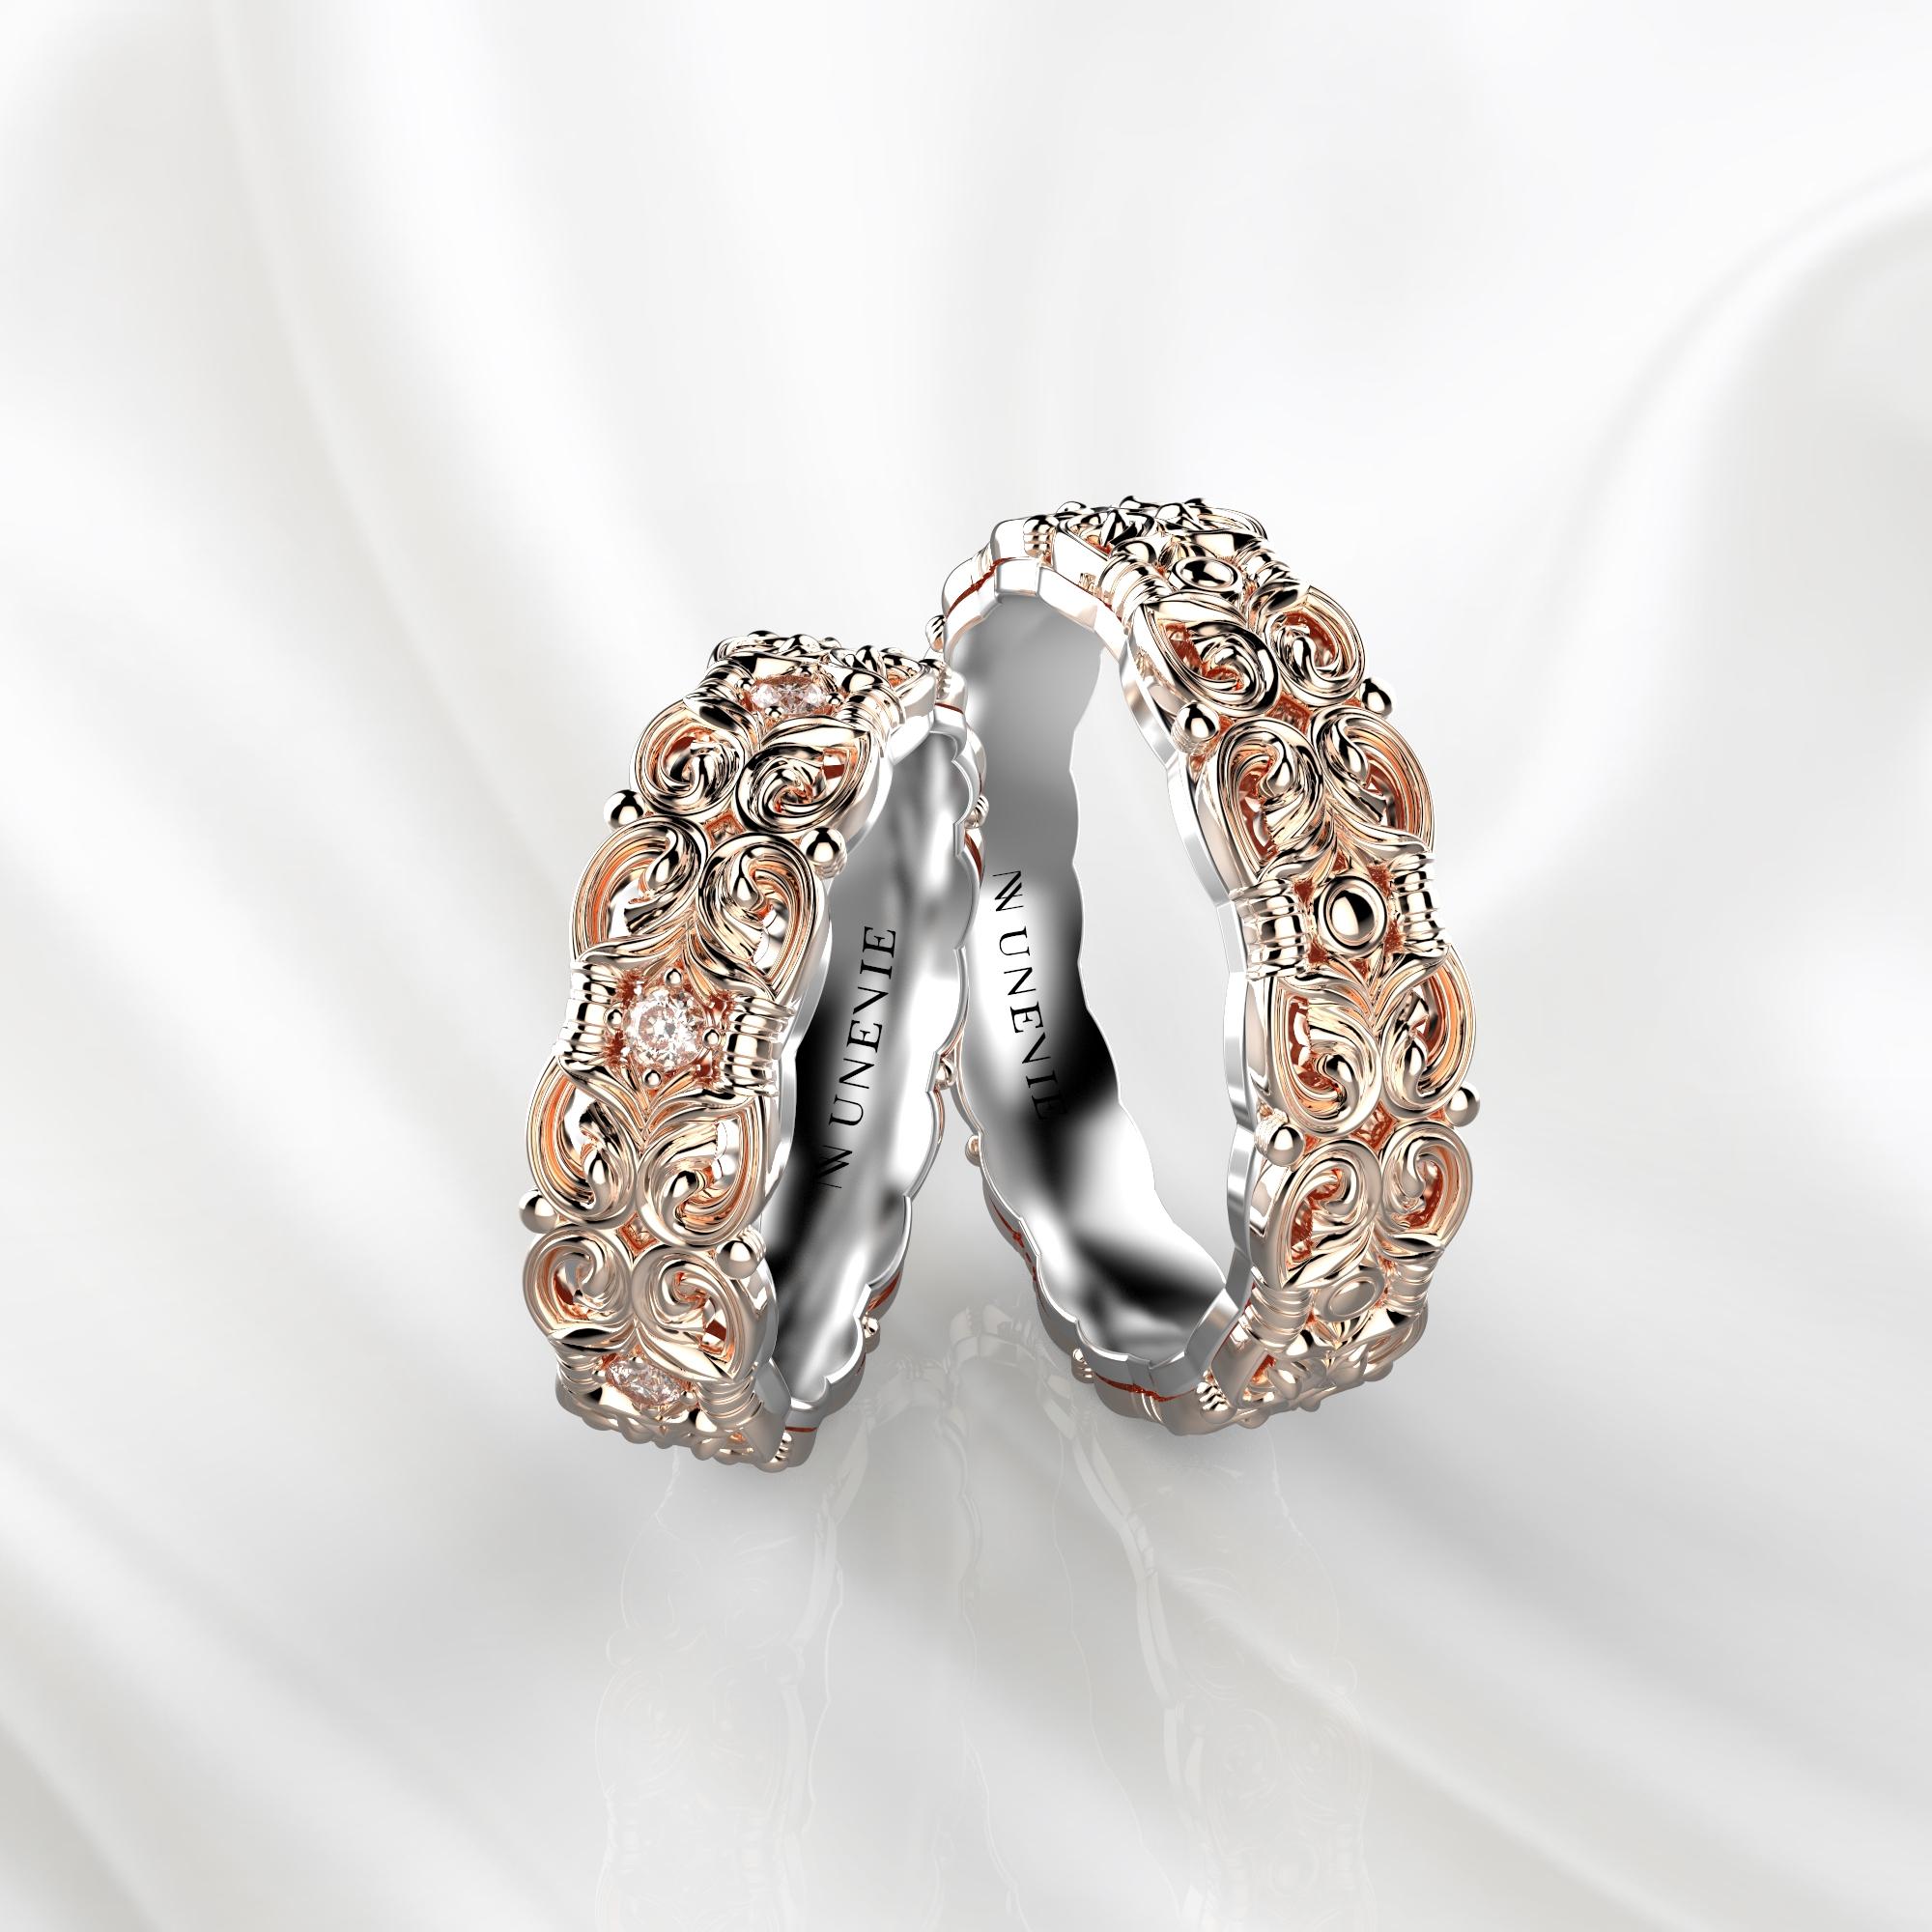 NV67 Парные обручальные кольца из розово-белого золота с бриллиантами